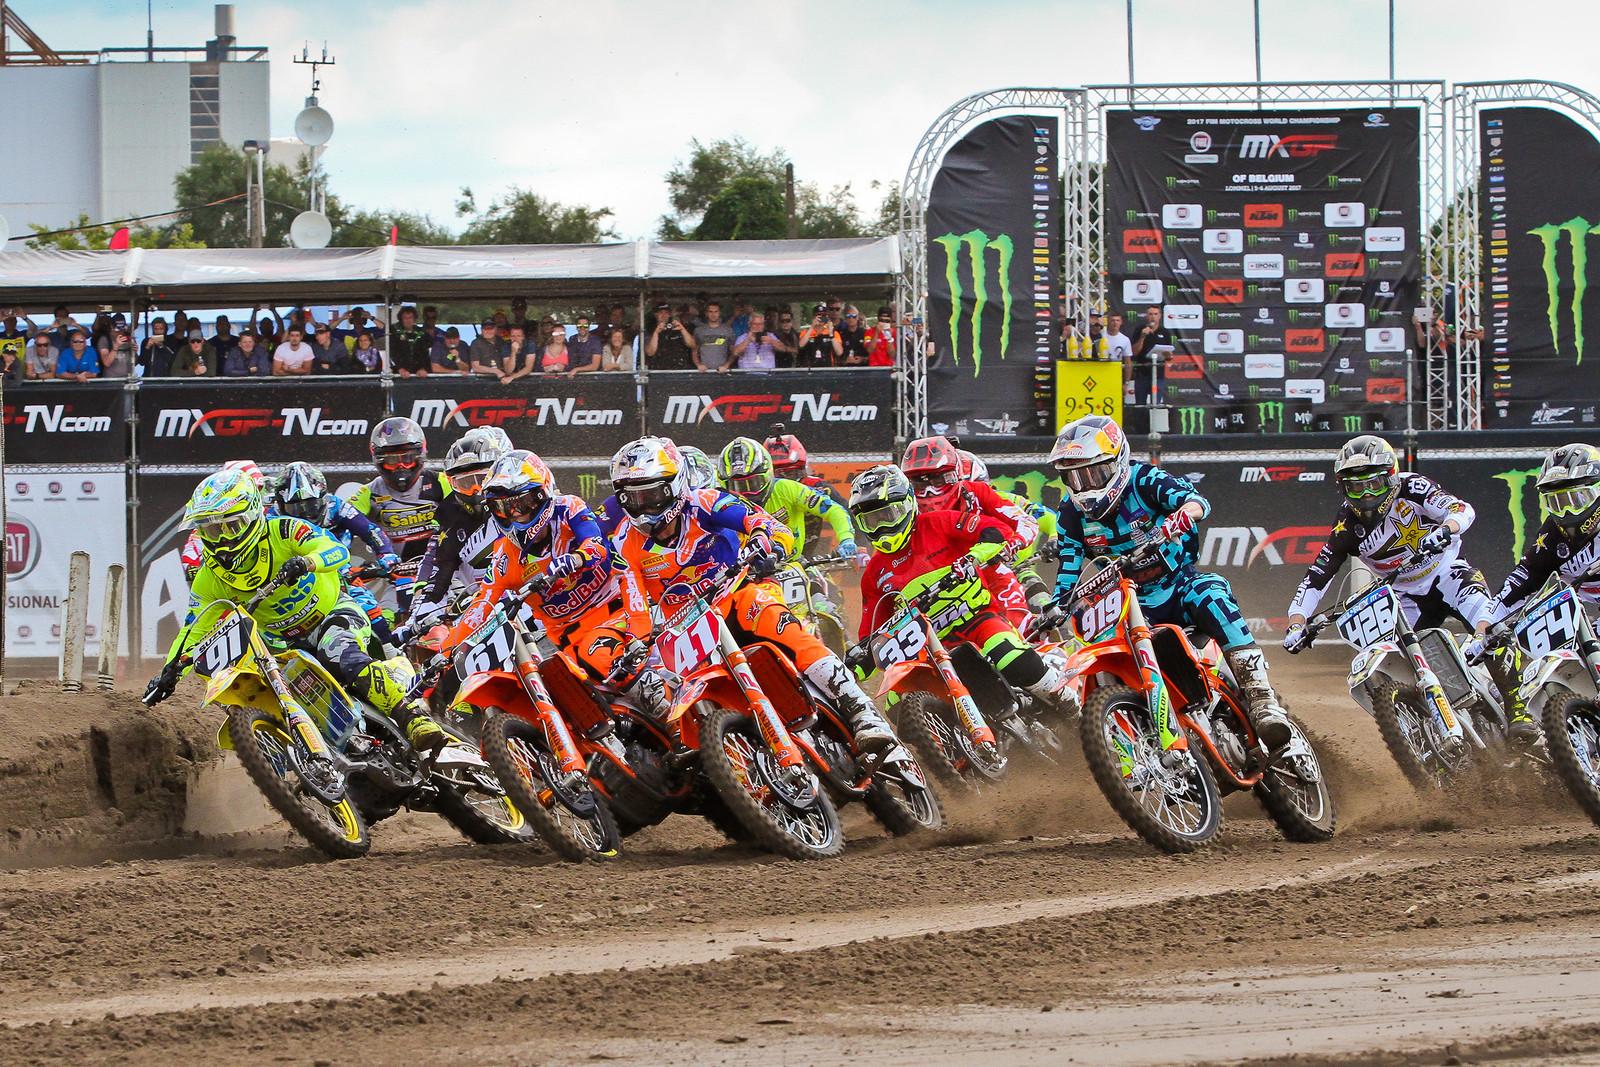 MX2 Start - ayearinmx - Motocross Pictures - Vital MX